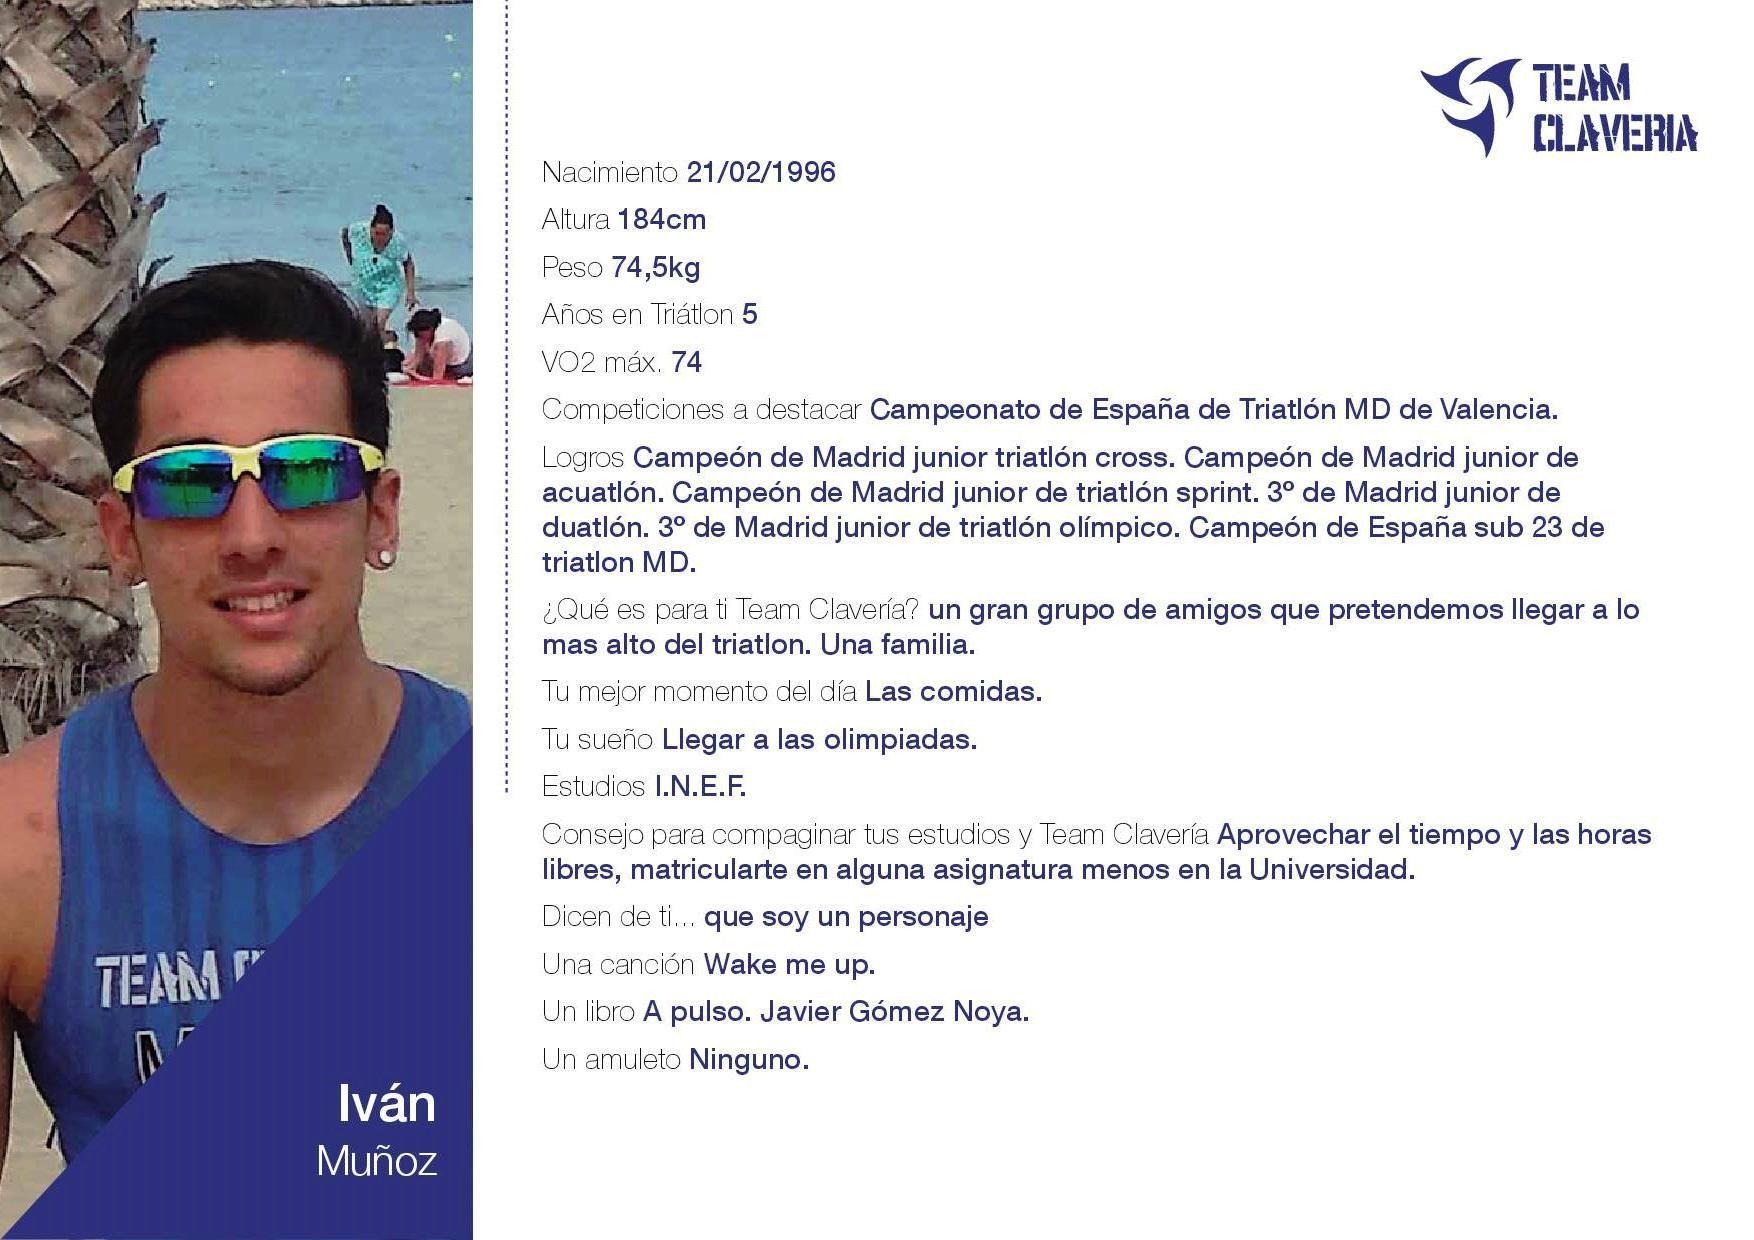 TeamClaveria Iván Muñoz